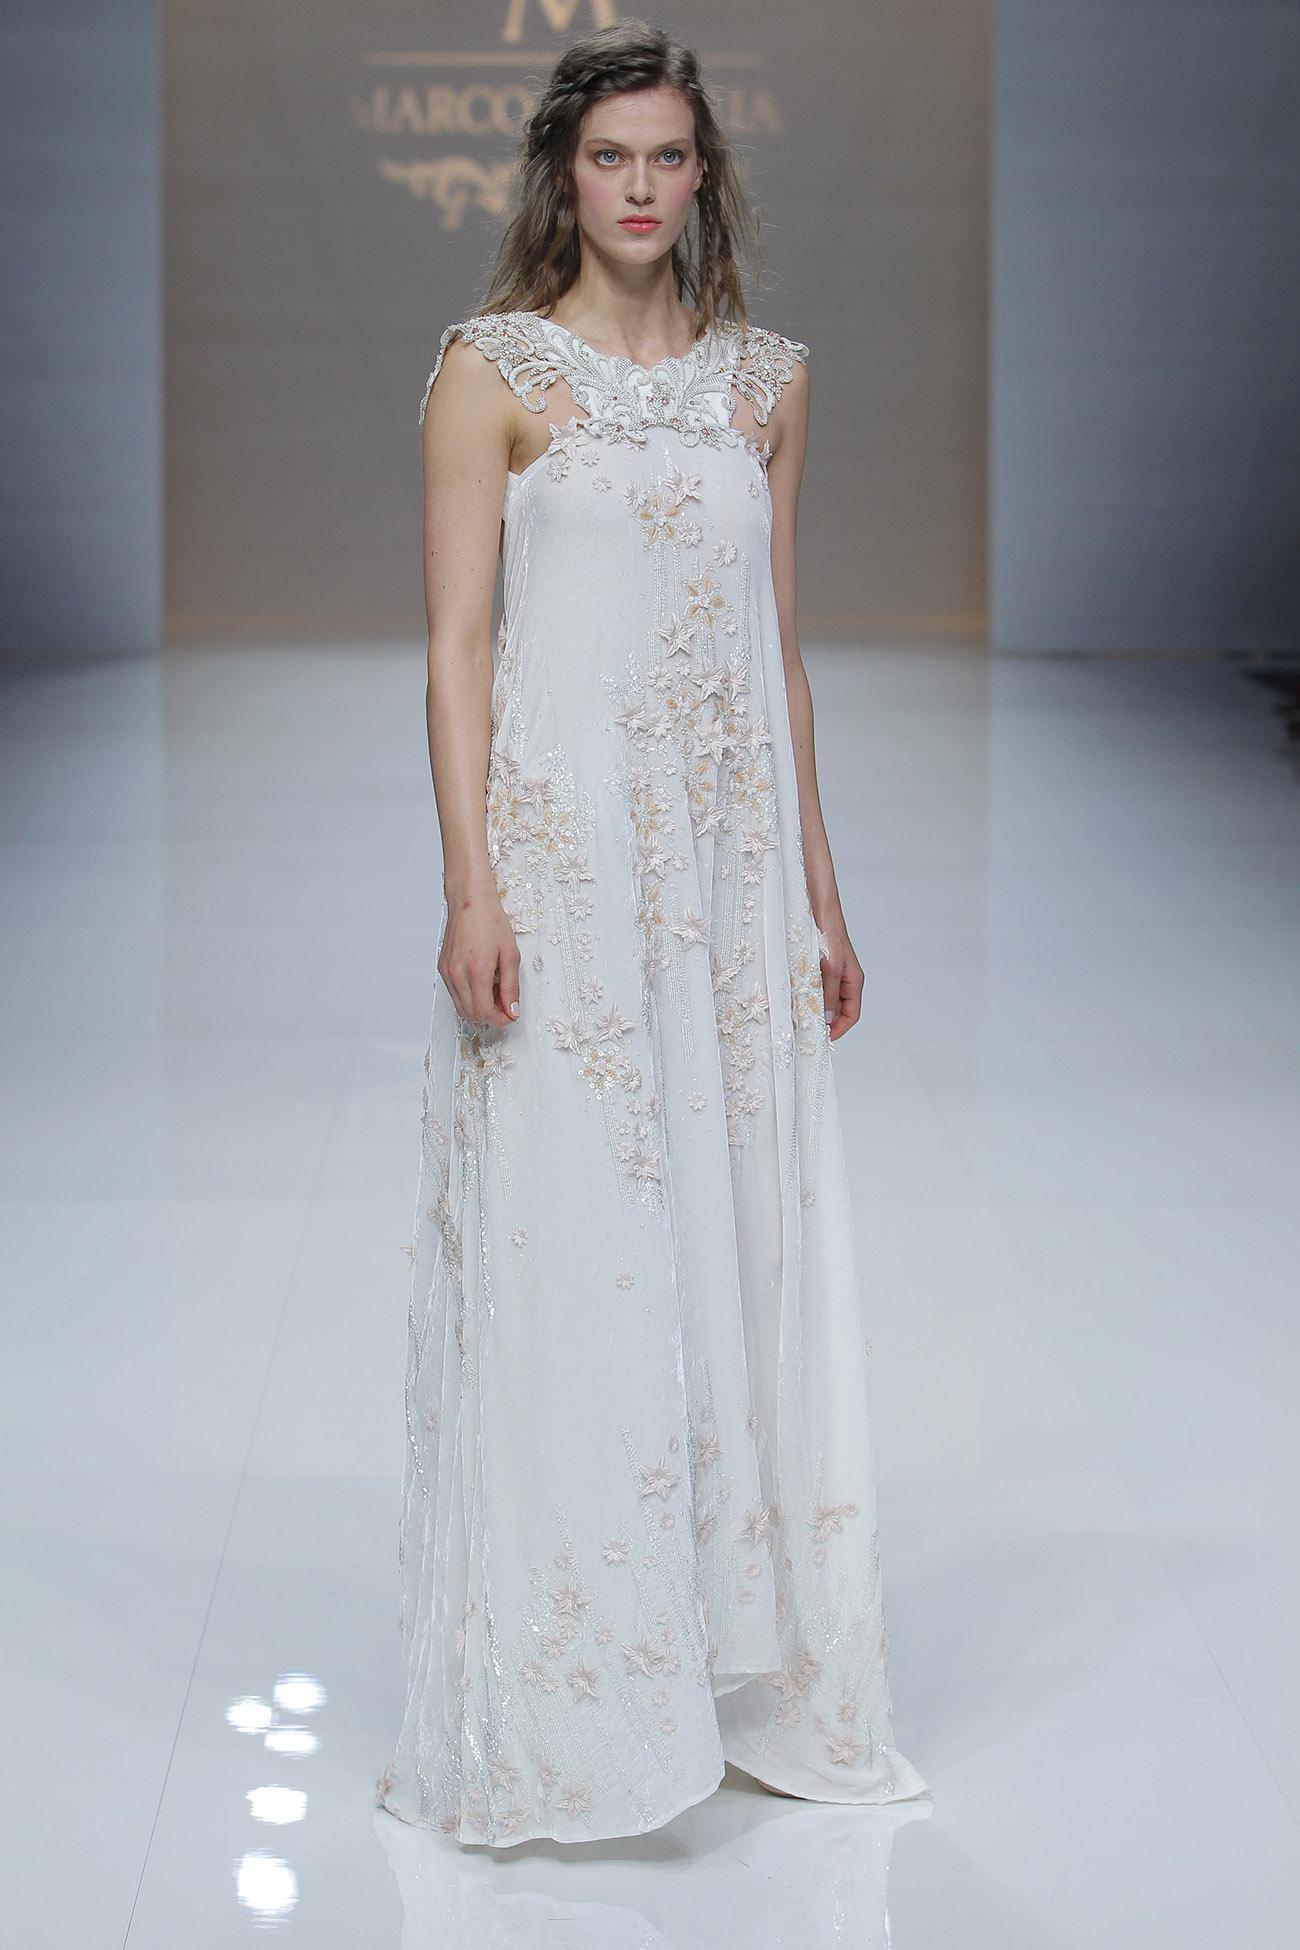 146 ideas para tu vestido de novia